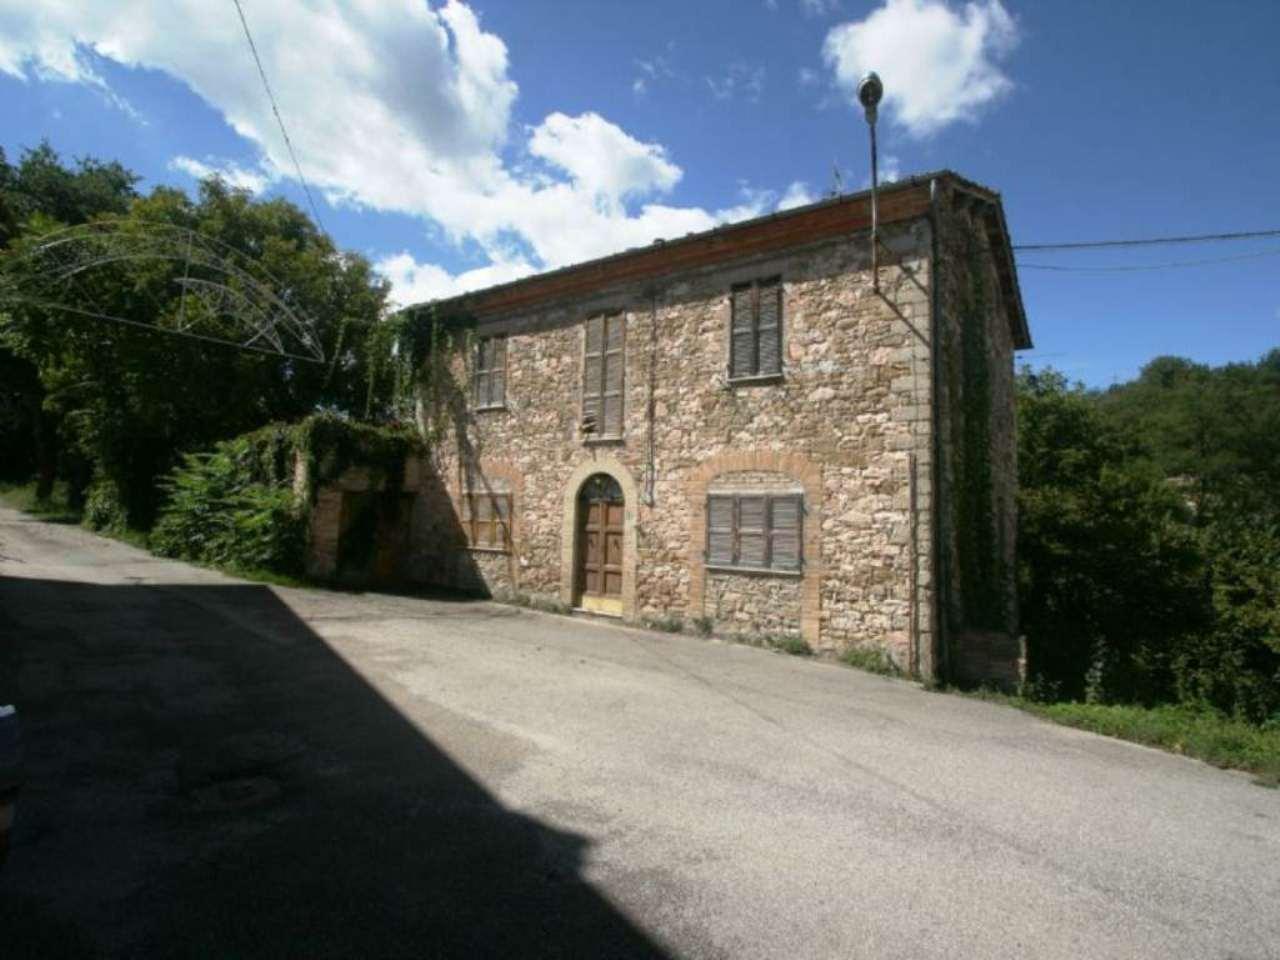 Palazzo / Stabile in vendita a Fiastra, 10 locali, prezzo € 55.000 | Cambio Casa.it